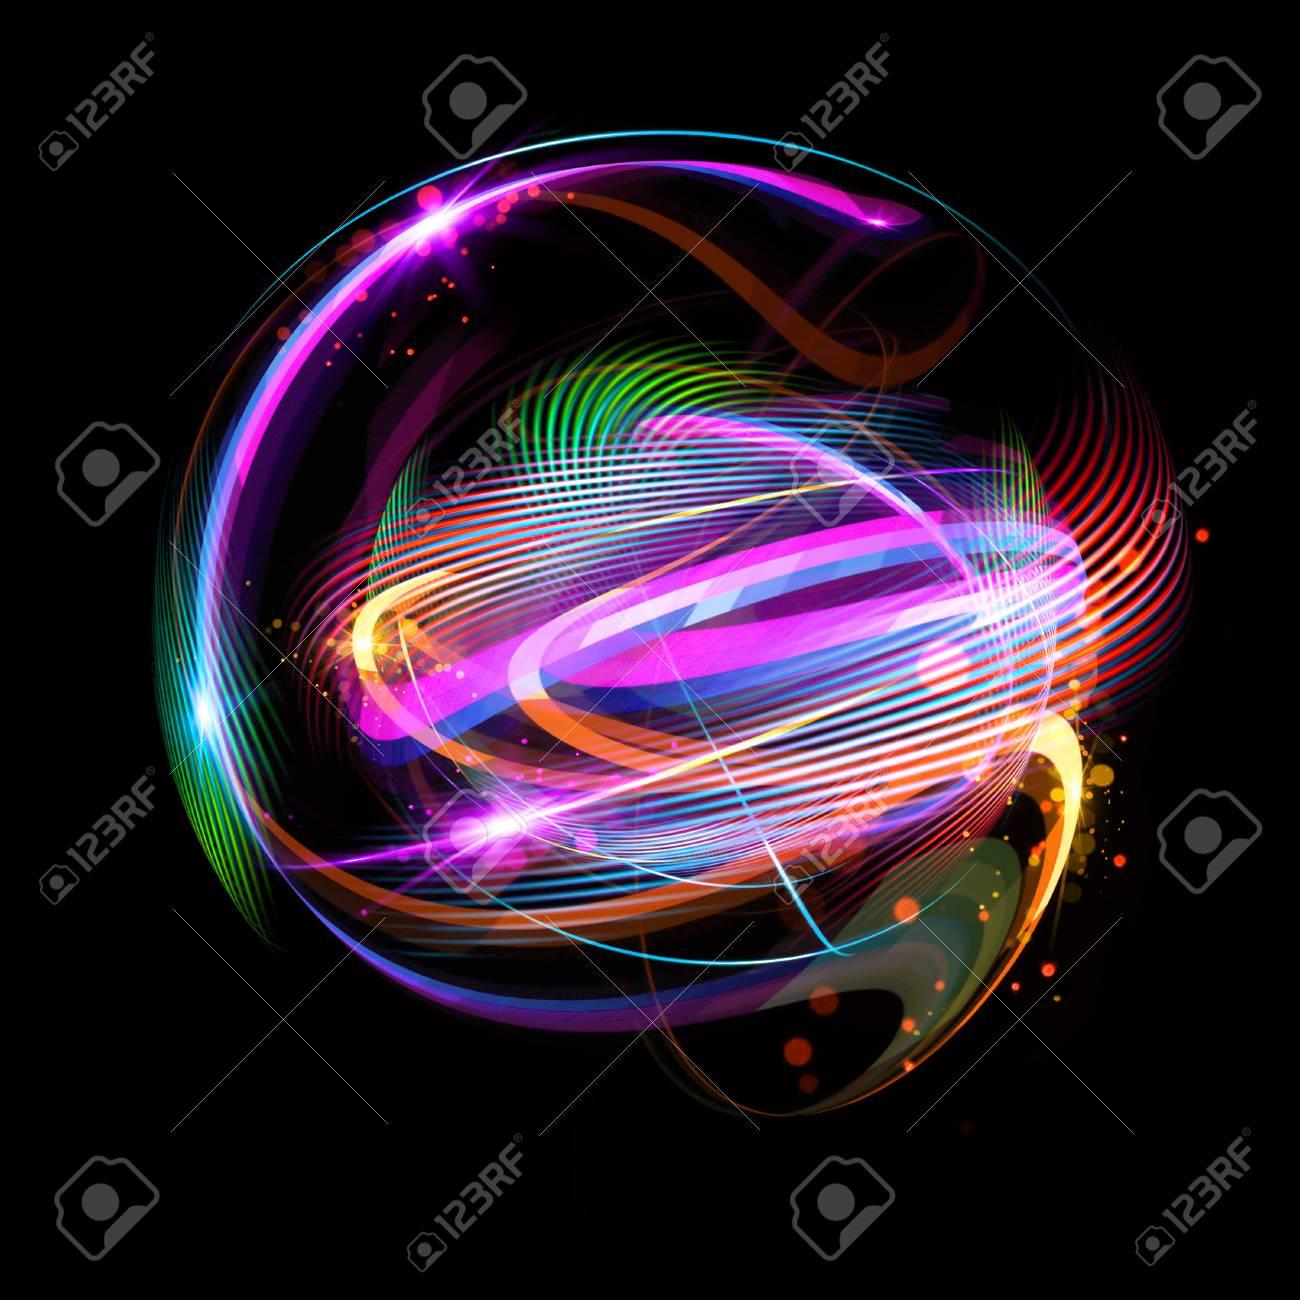 Icono De 3d Atom Modelo Nuclear Luminoso Sobre Fondo Oscuro Brillando Bolas De Energía Estructura De La Molécula Rastrea átomos Y Electrones